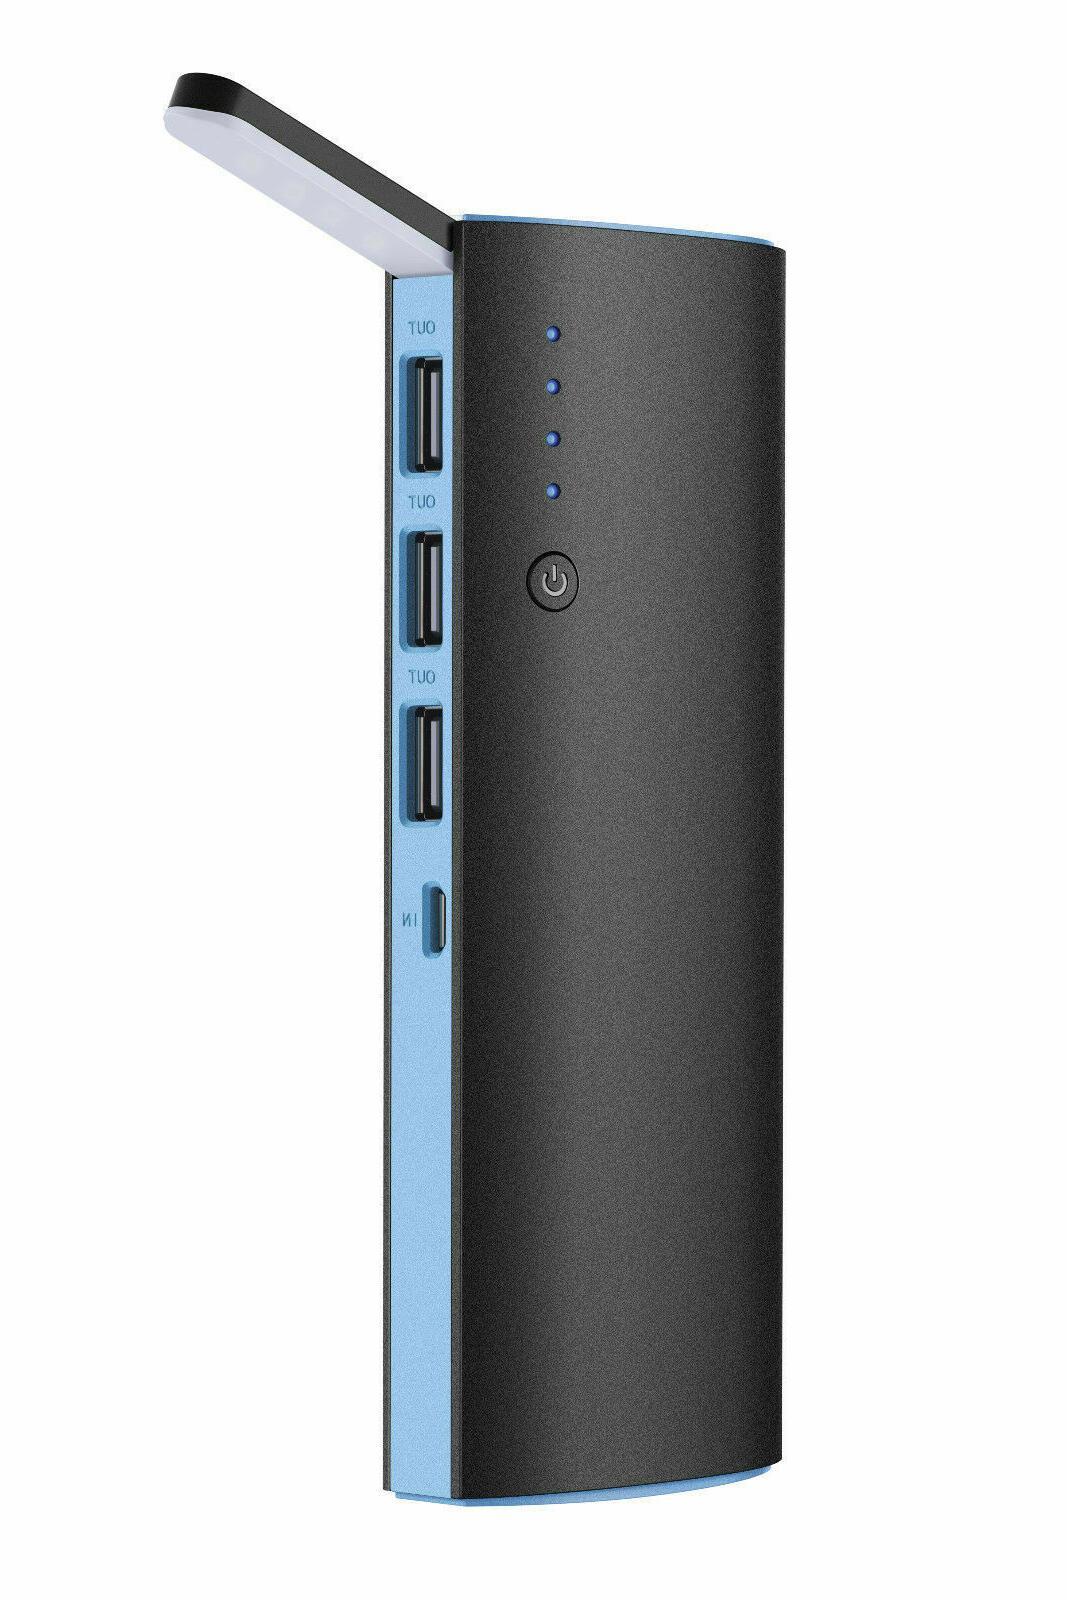 900000mAh Power Bank LCD LED Phone